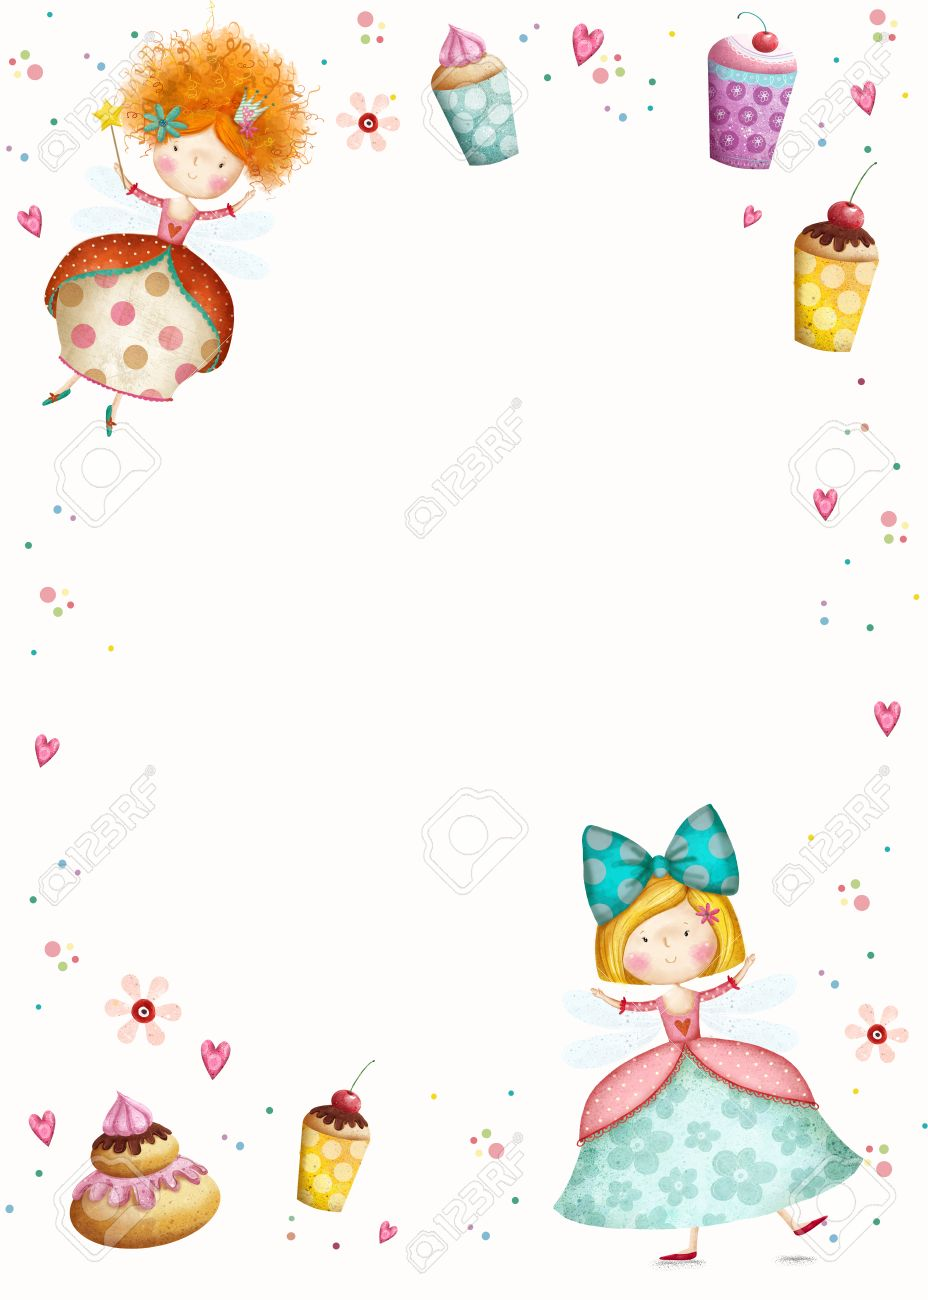 Happy birthday invitationrty invitationte small princesses happy birthday invitationrty invitationte small princesses with cupcakes flowers hearts filmwisefo